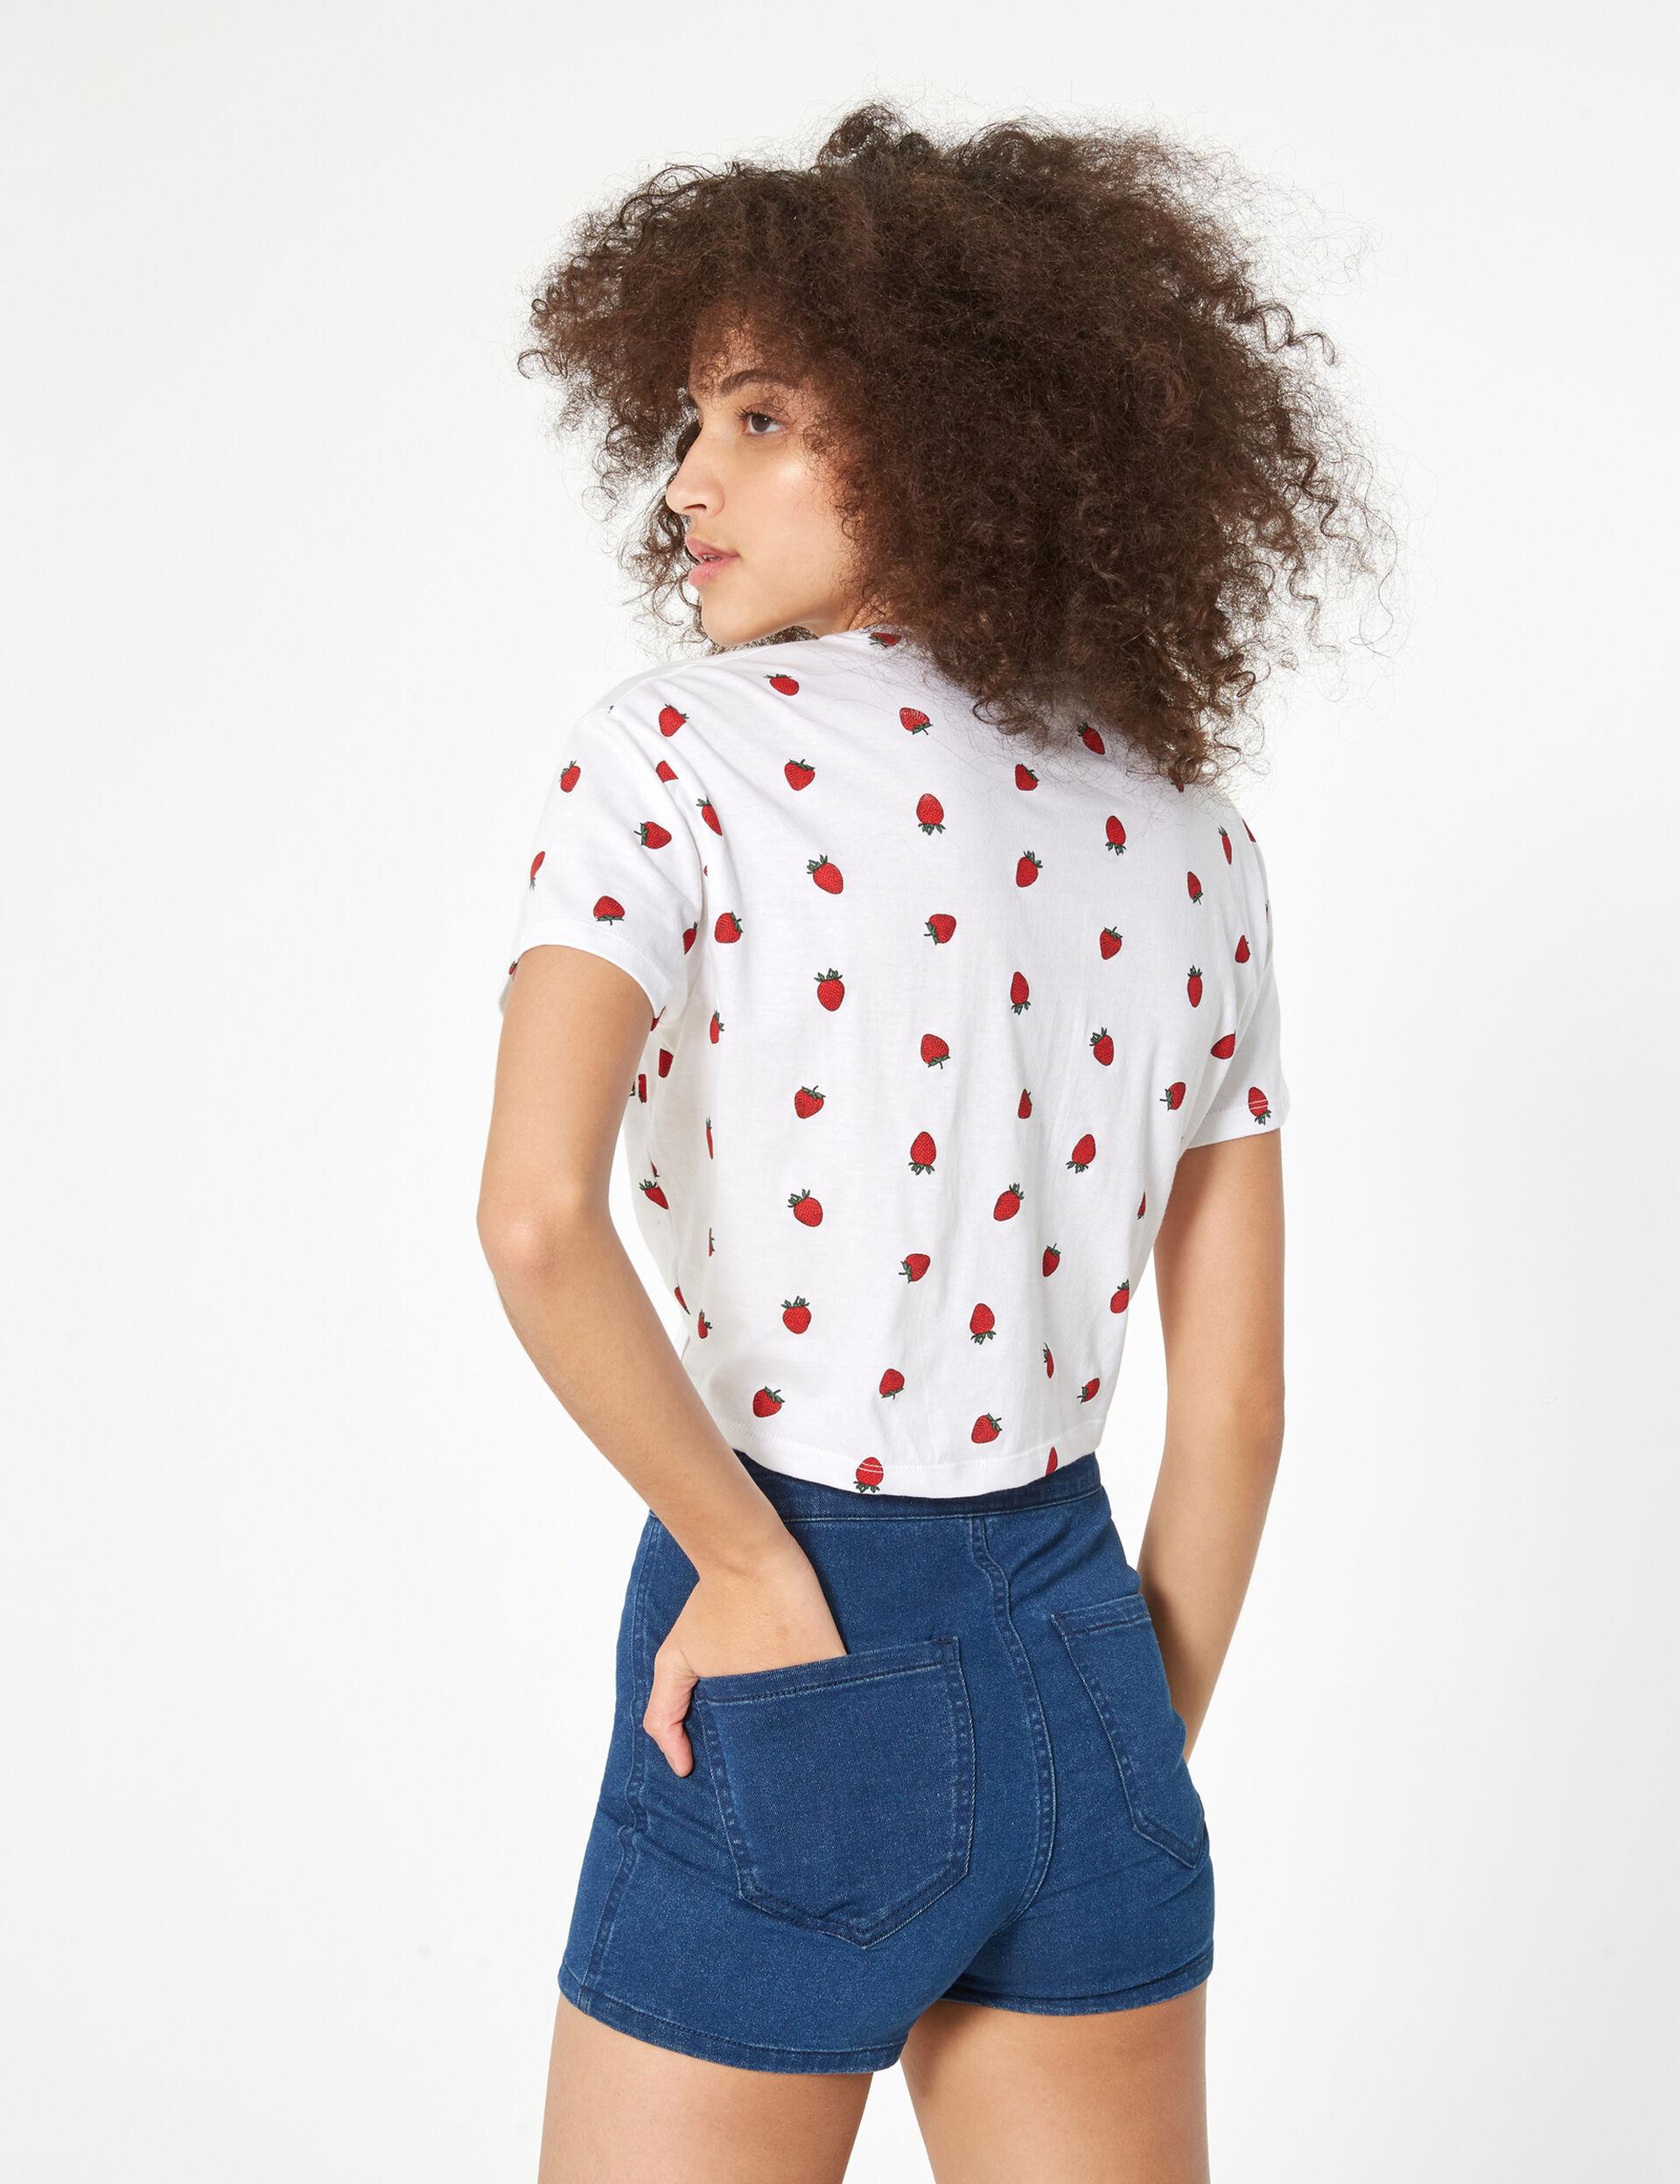 Tee-shirt fraise à nouer blanc et rouge